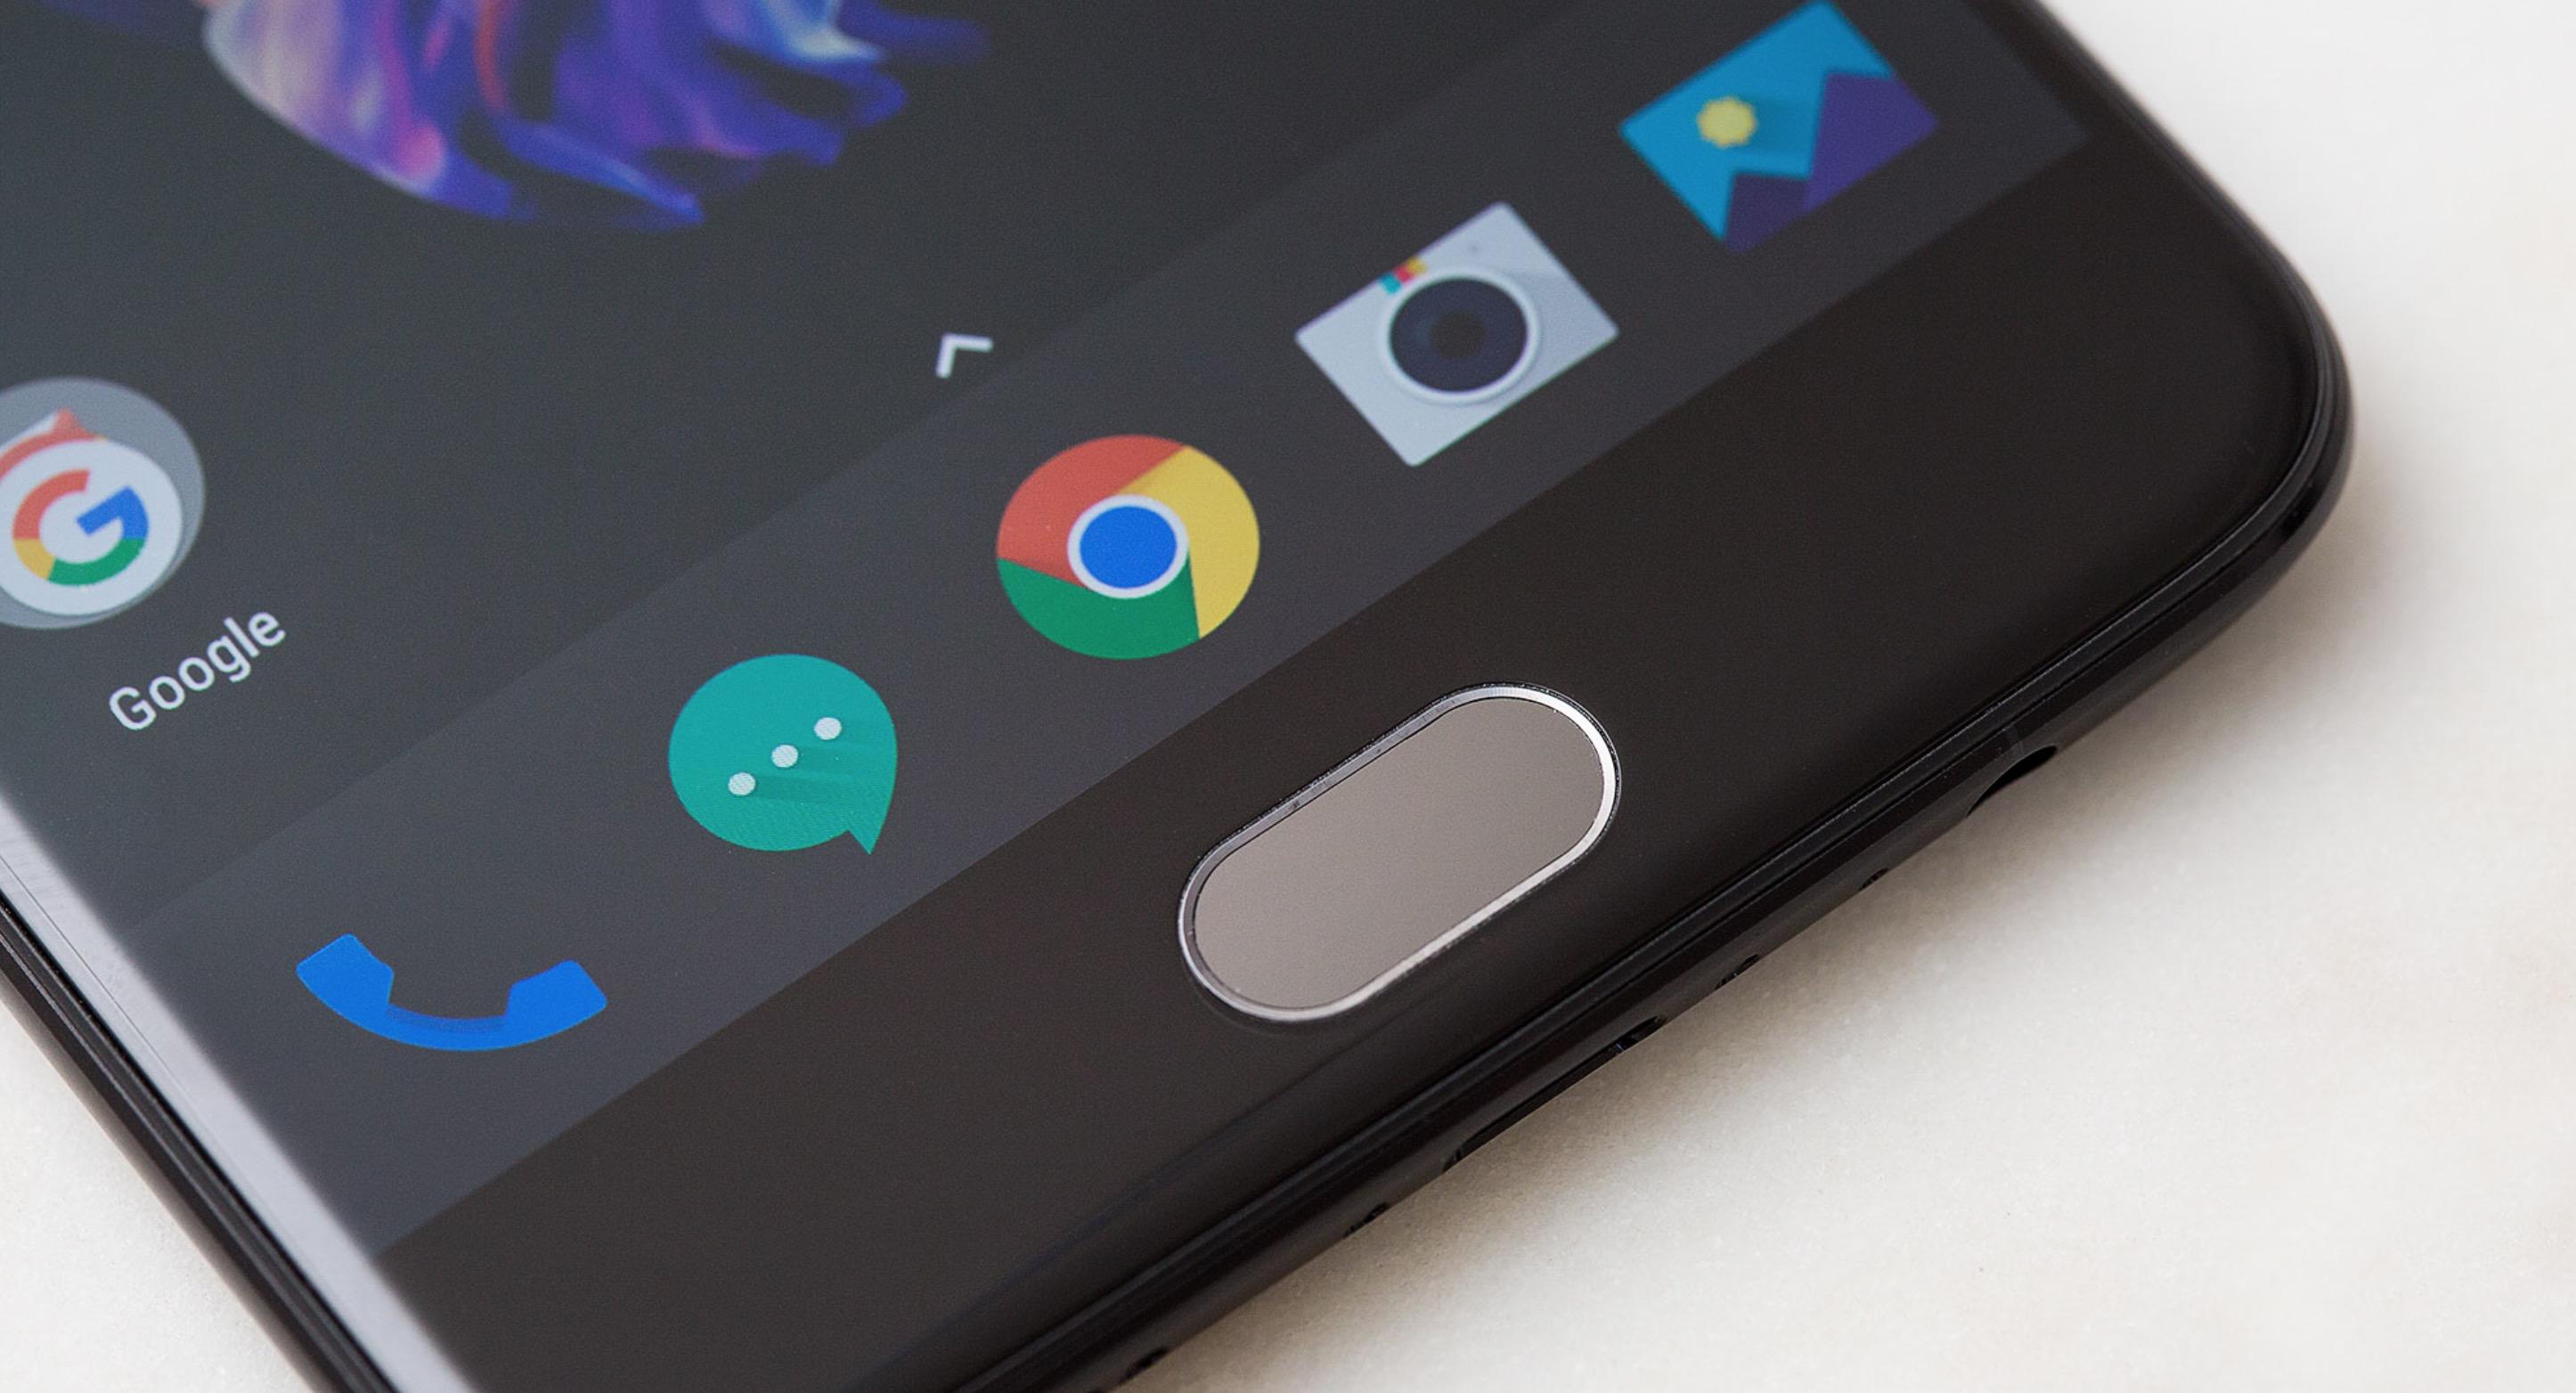 OnePlus 5 batteria durata